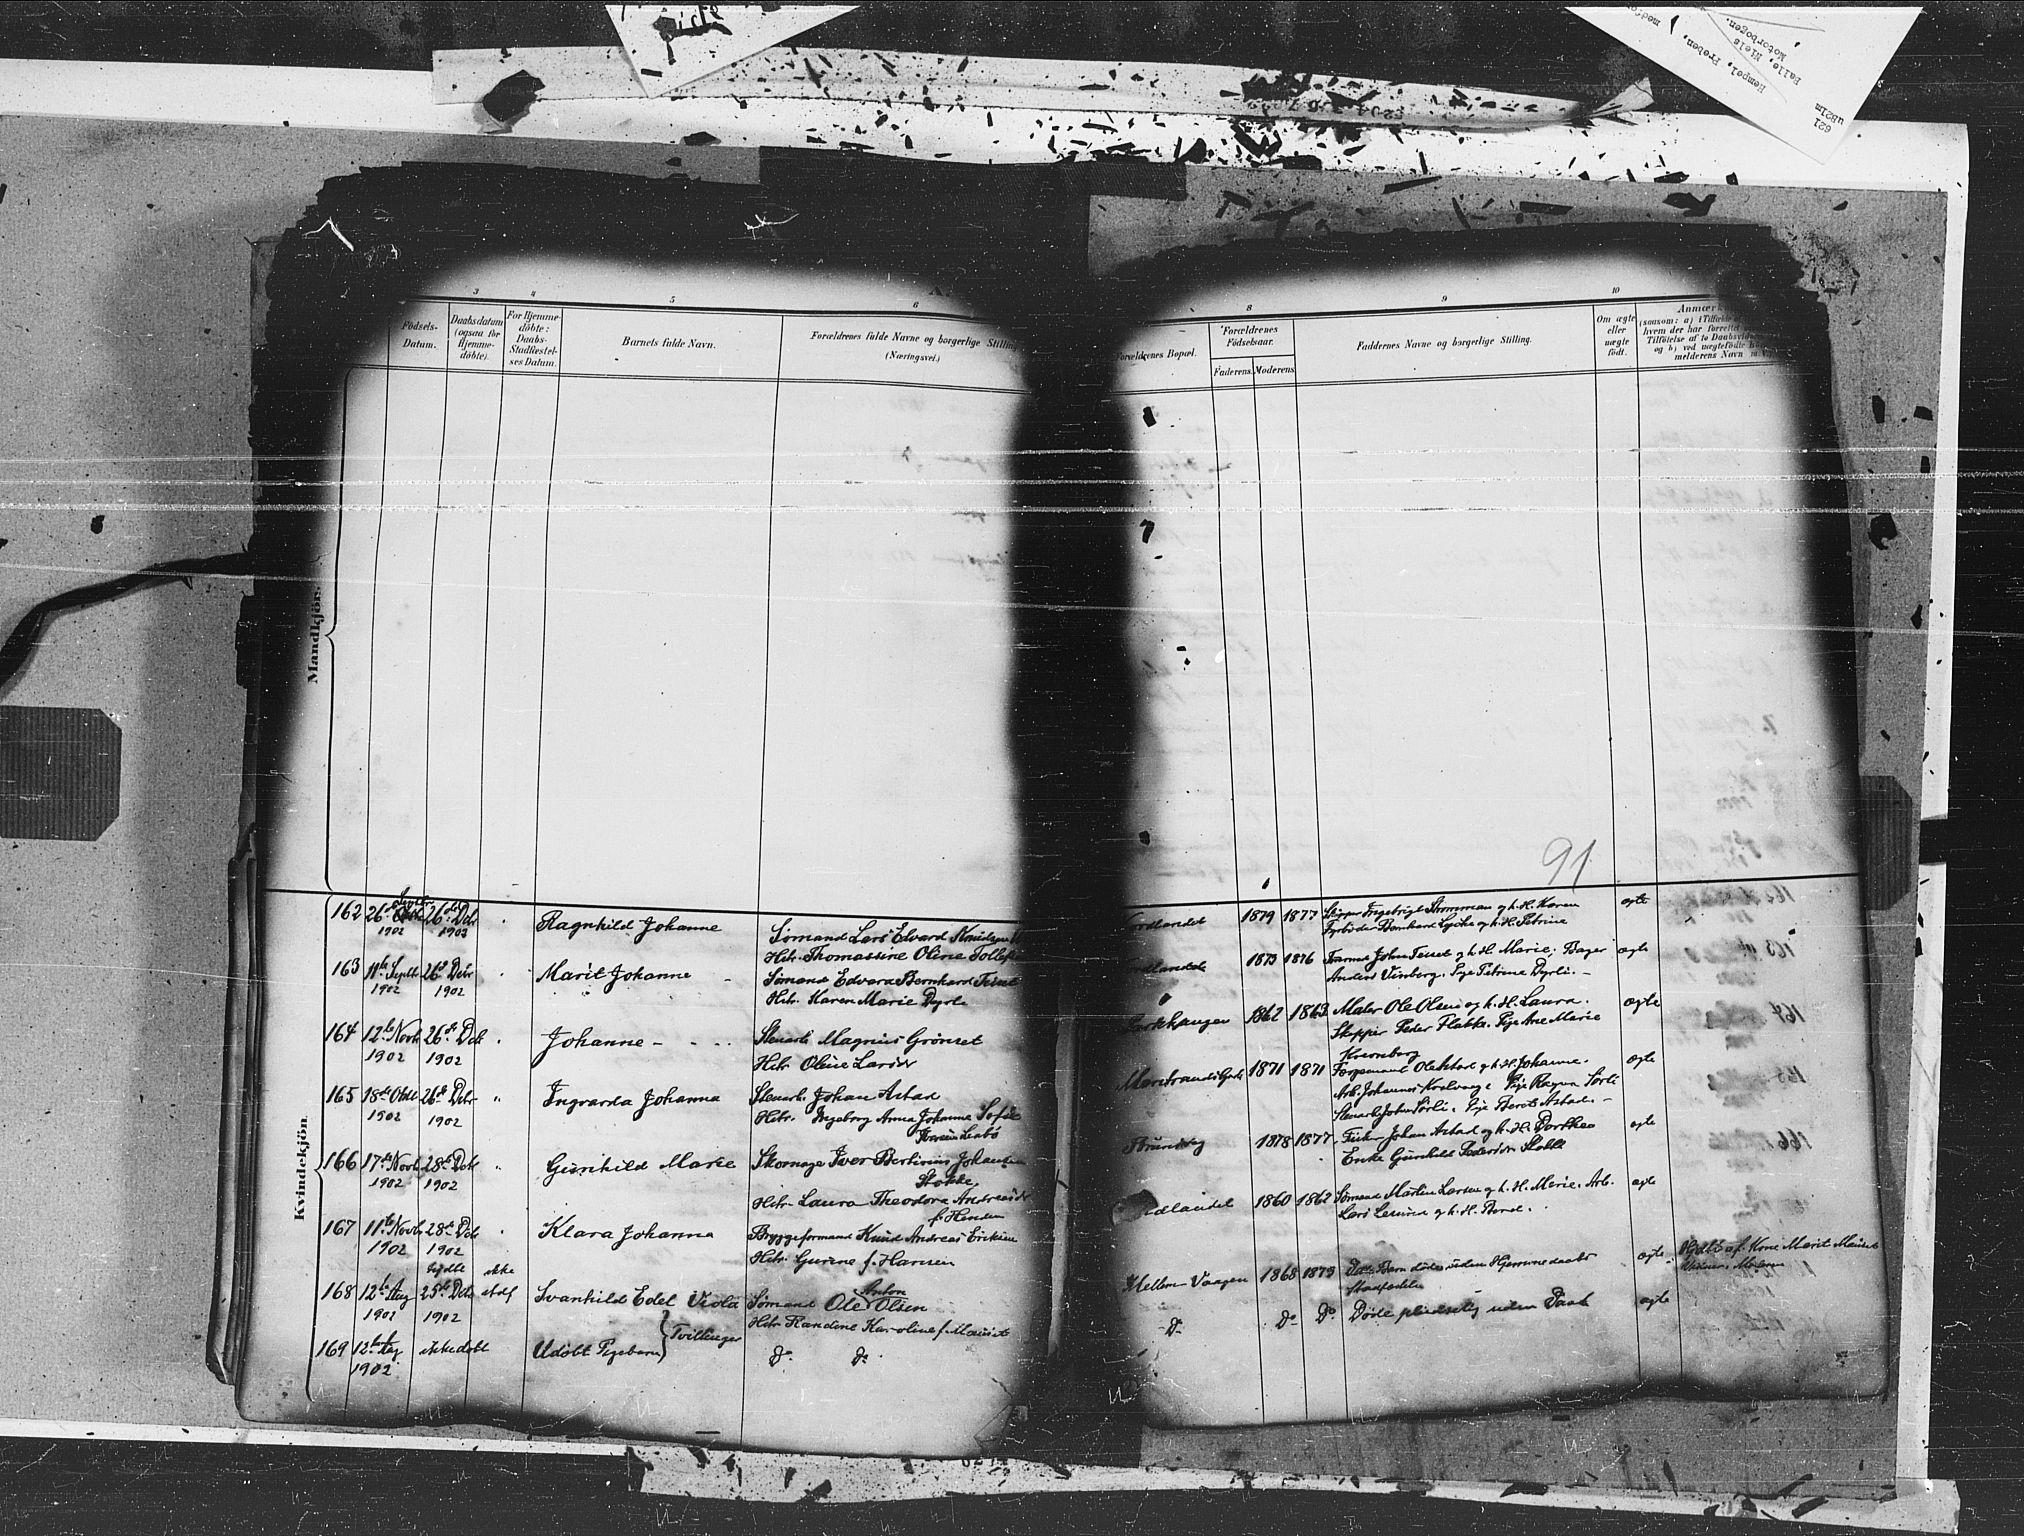 SAT, Ministerialprotokoller, klokkerbøker og fødselsregistre - Møre og Romsdal, 572/L0855: Ministerialbok nr. 572A18, 1898-1913, s. 91